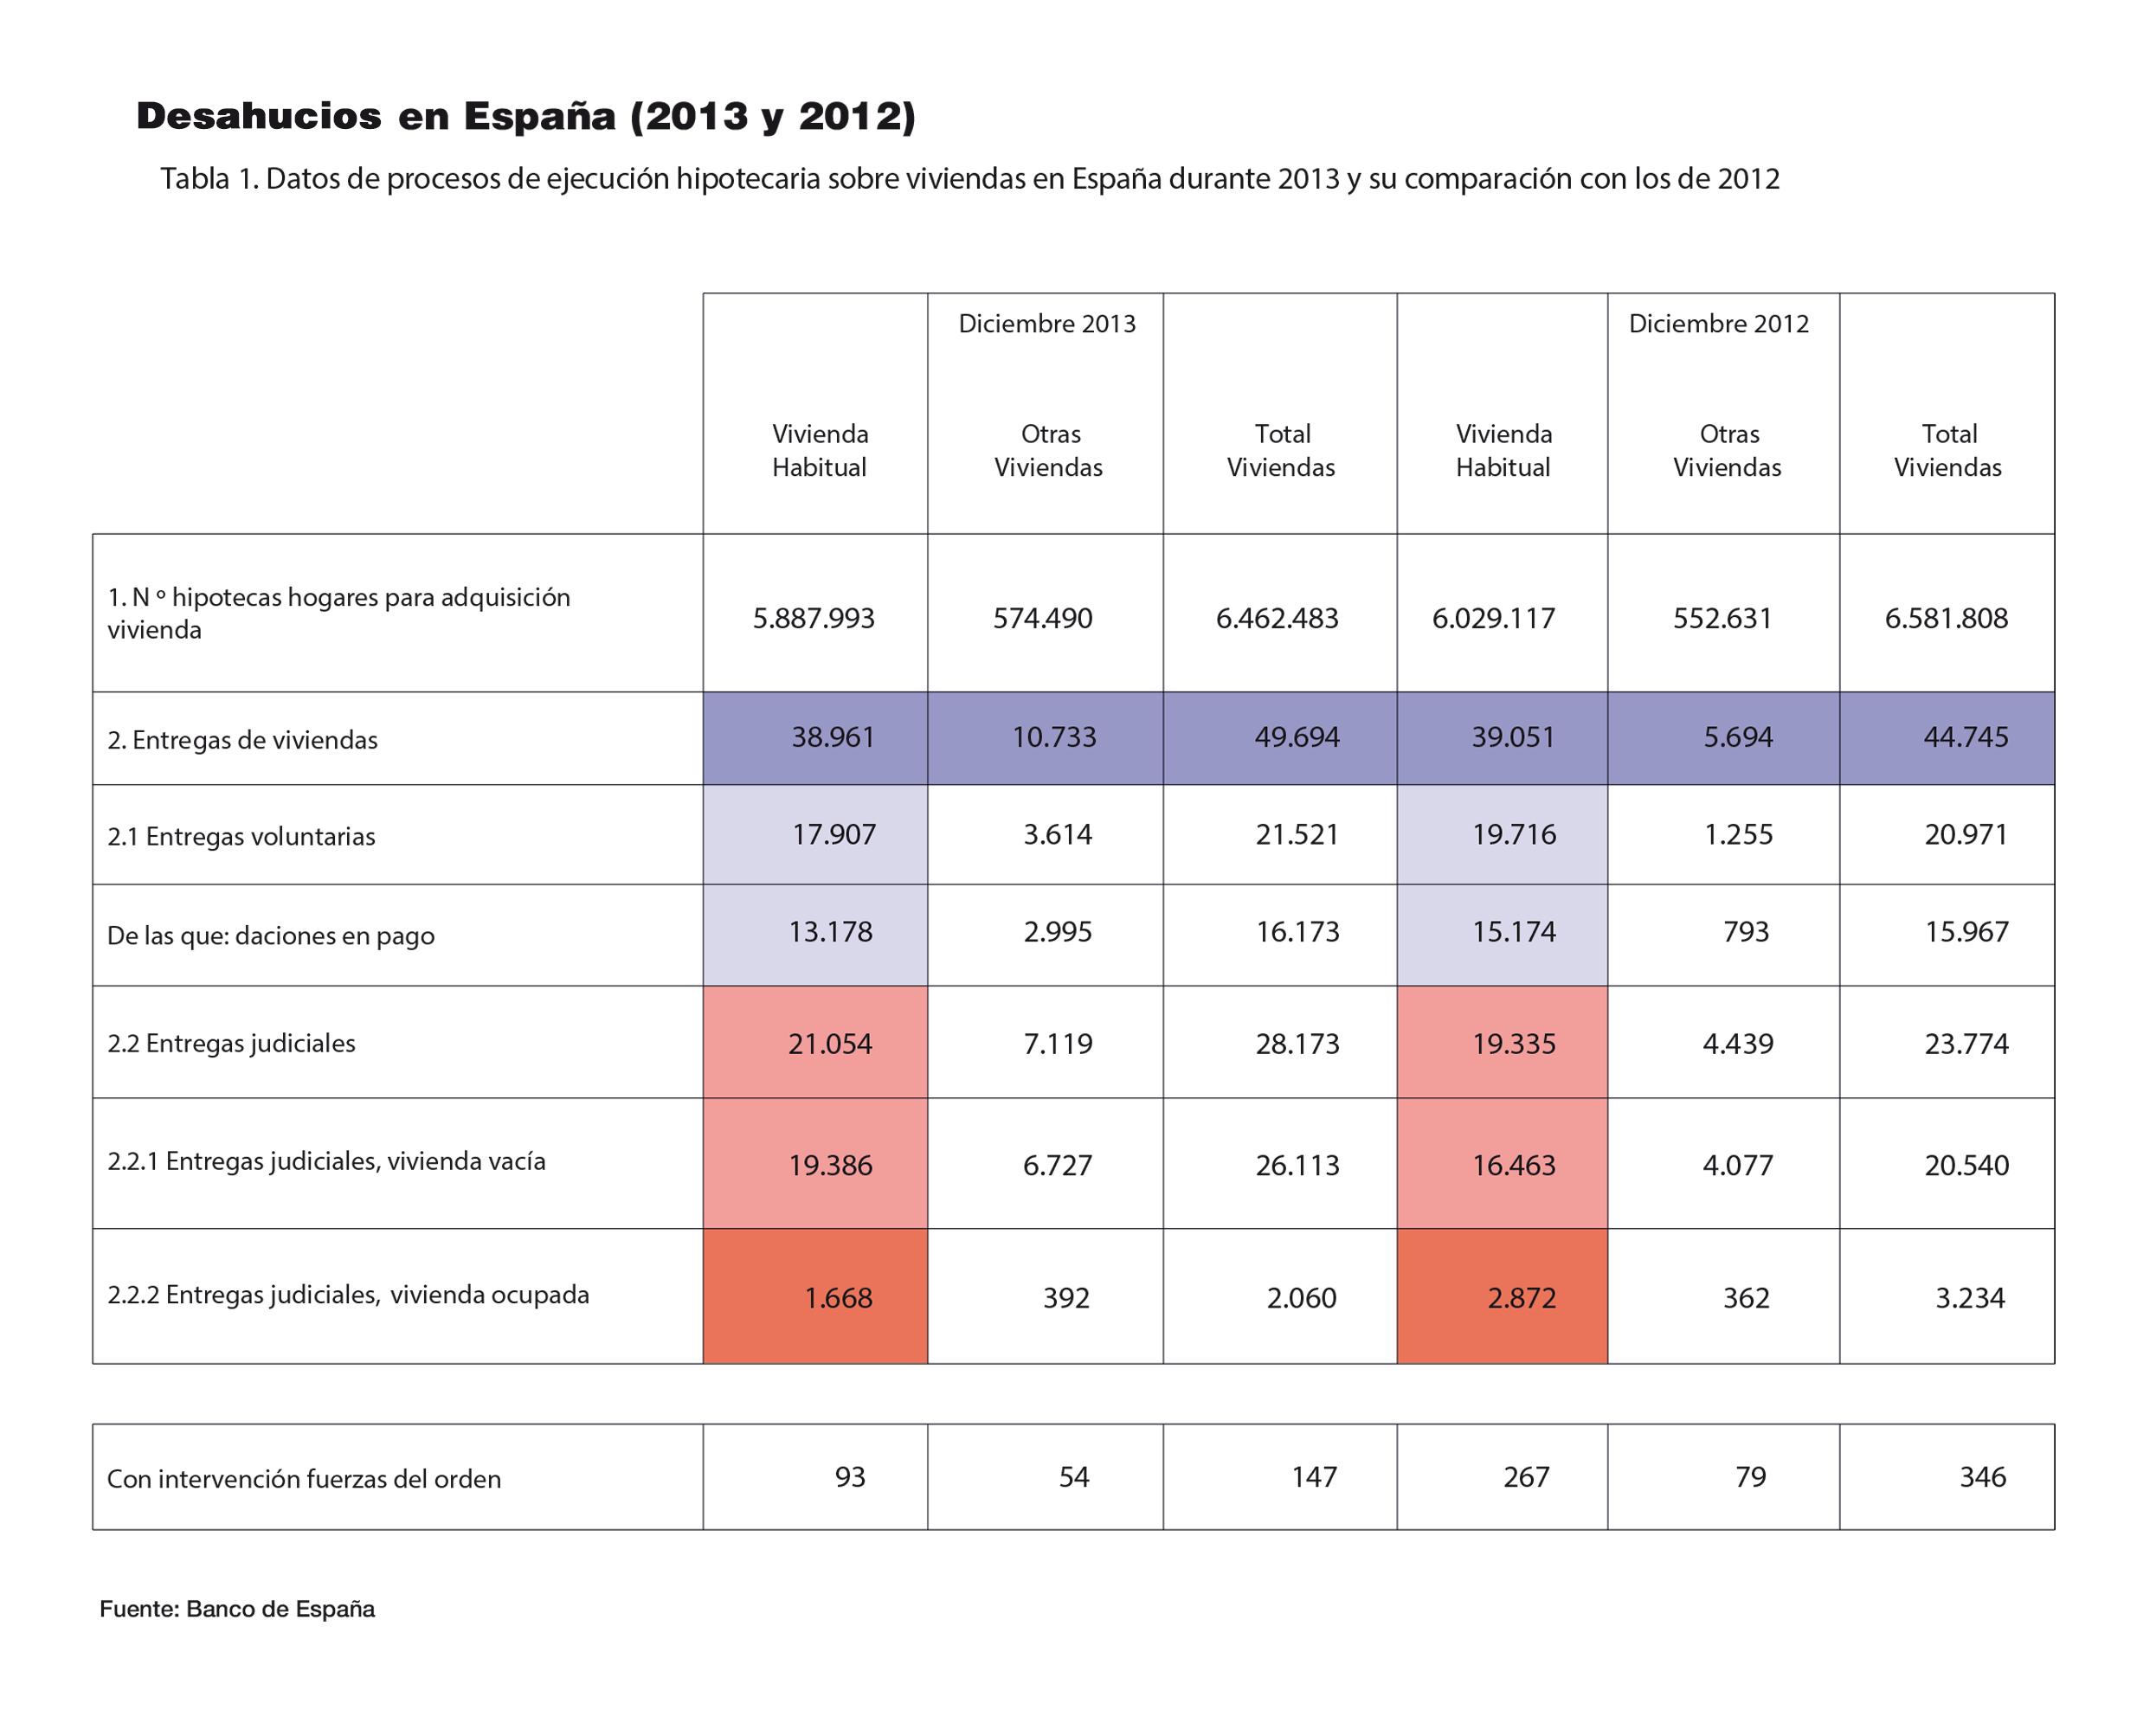 desahucios tabla 2013